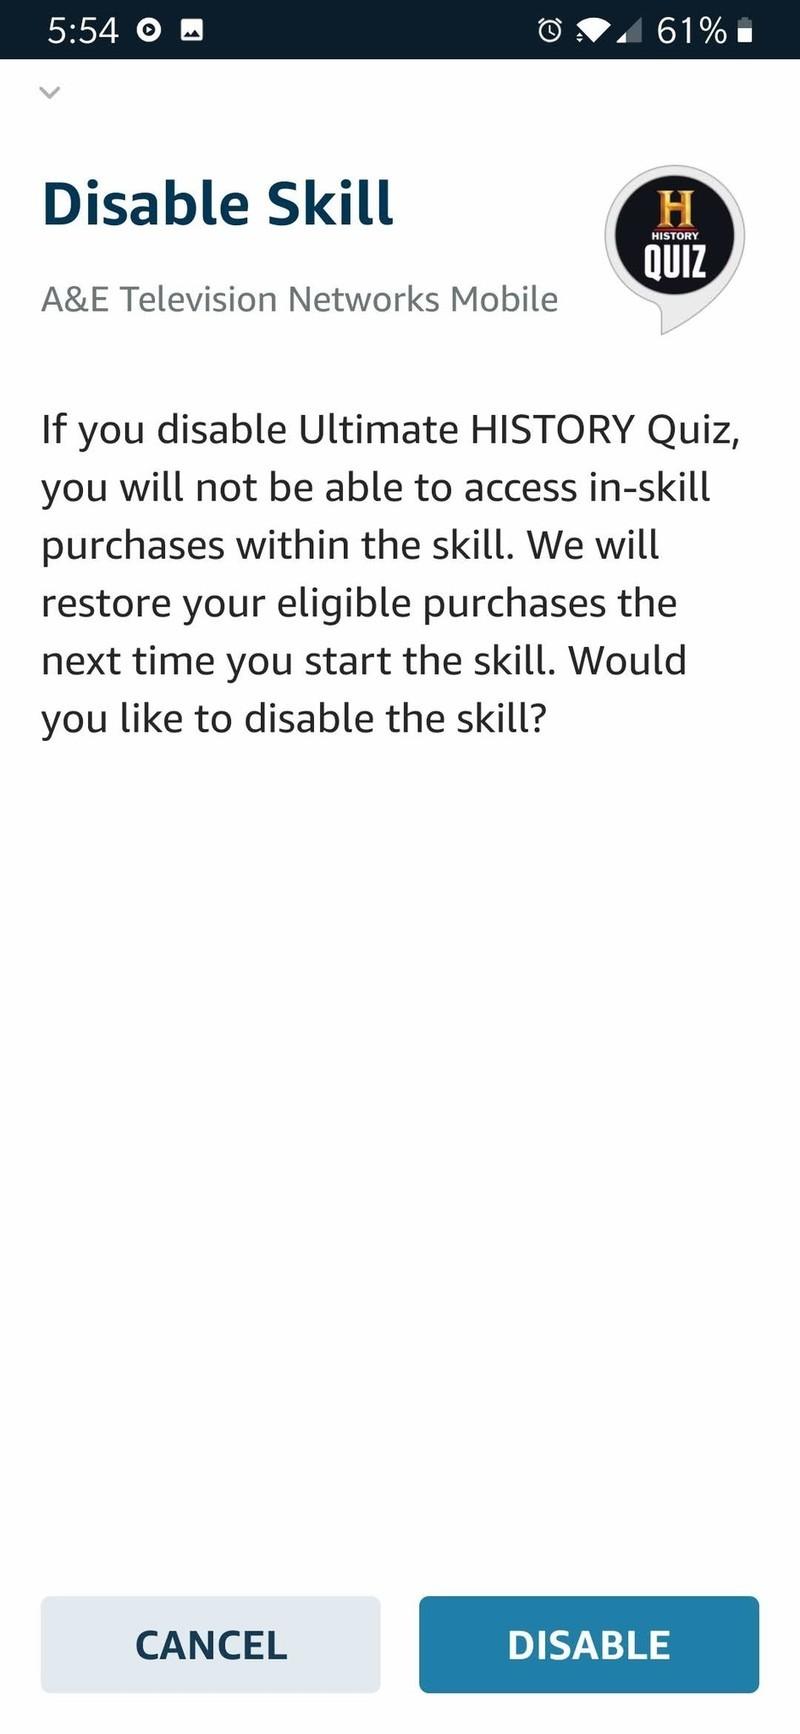 amazon-alexa-skills-disable-7-disable-po